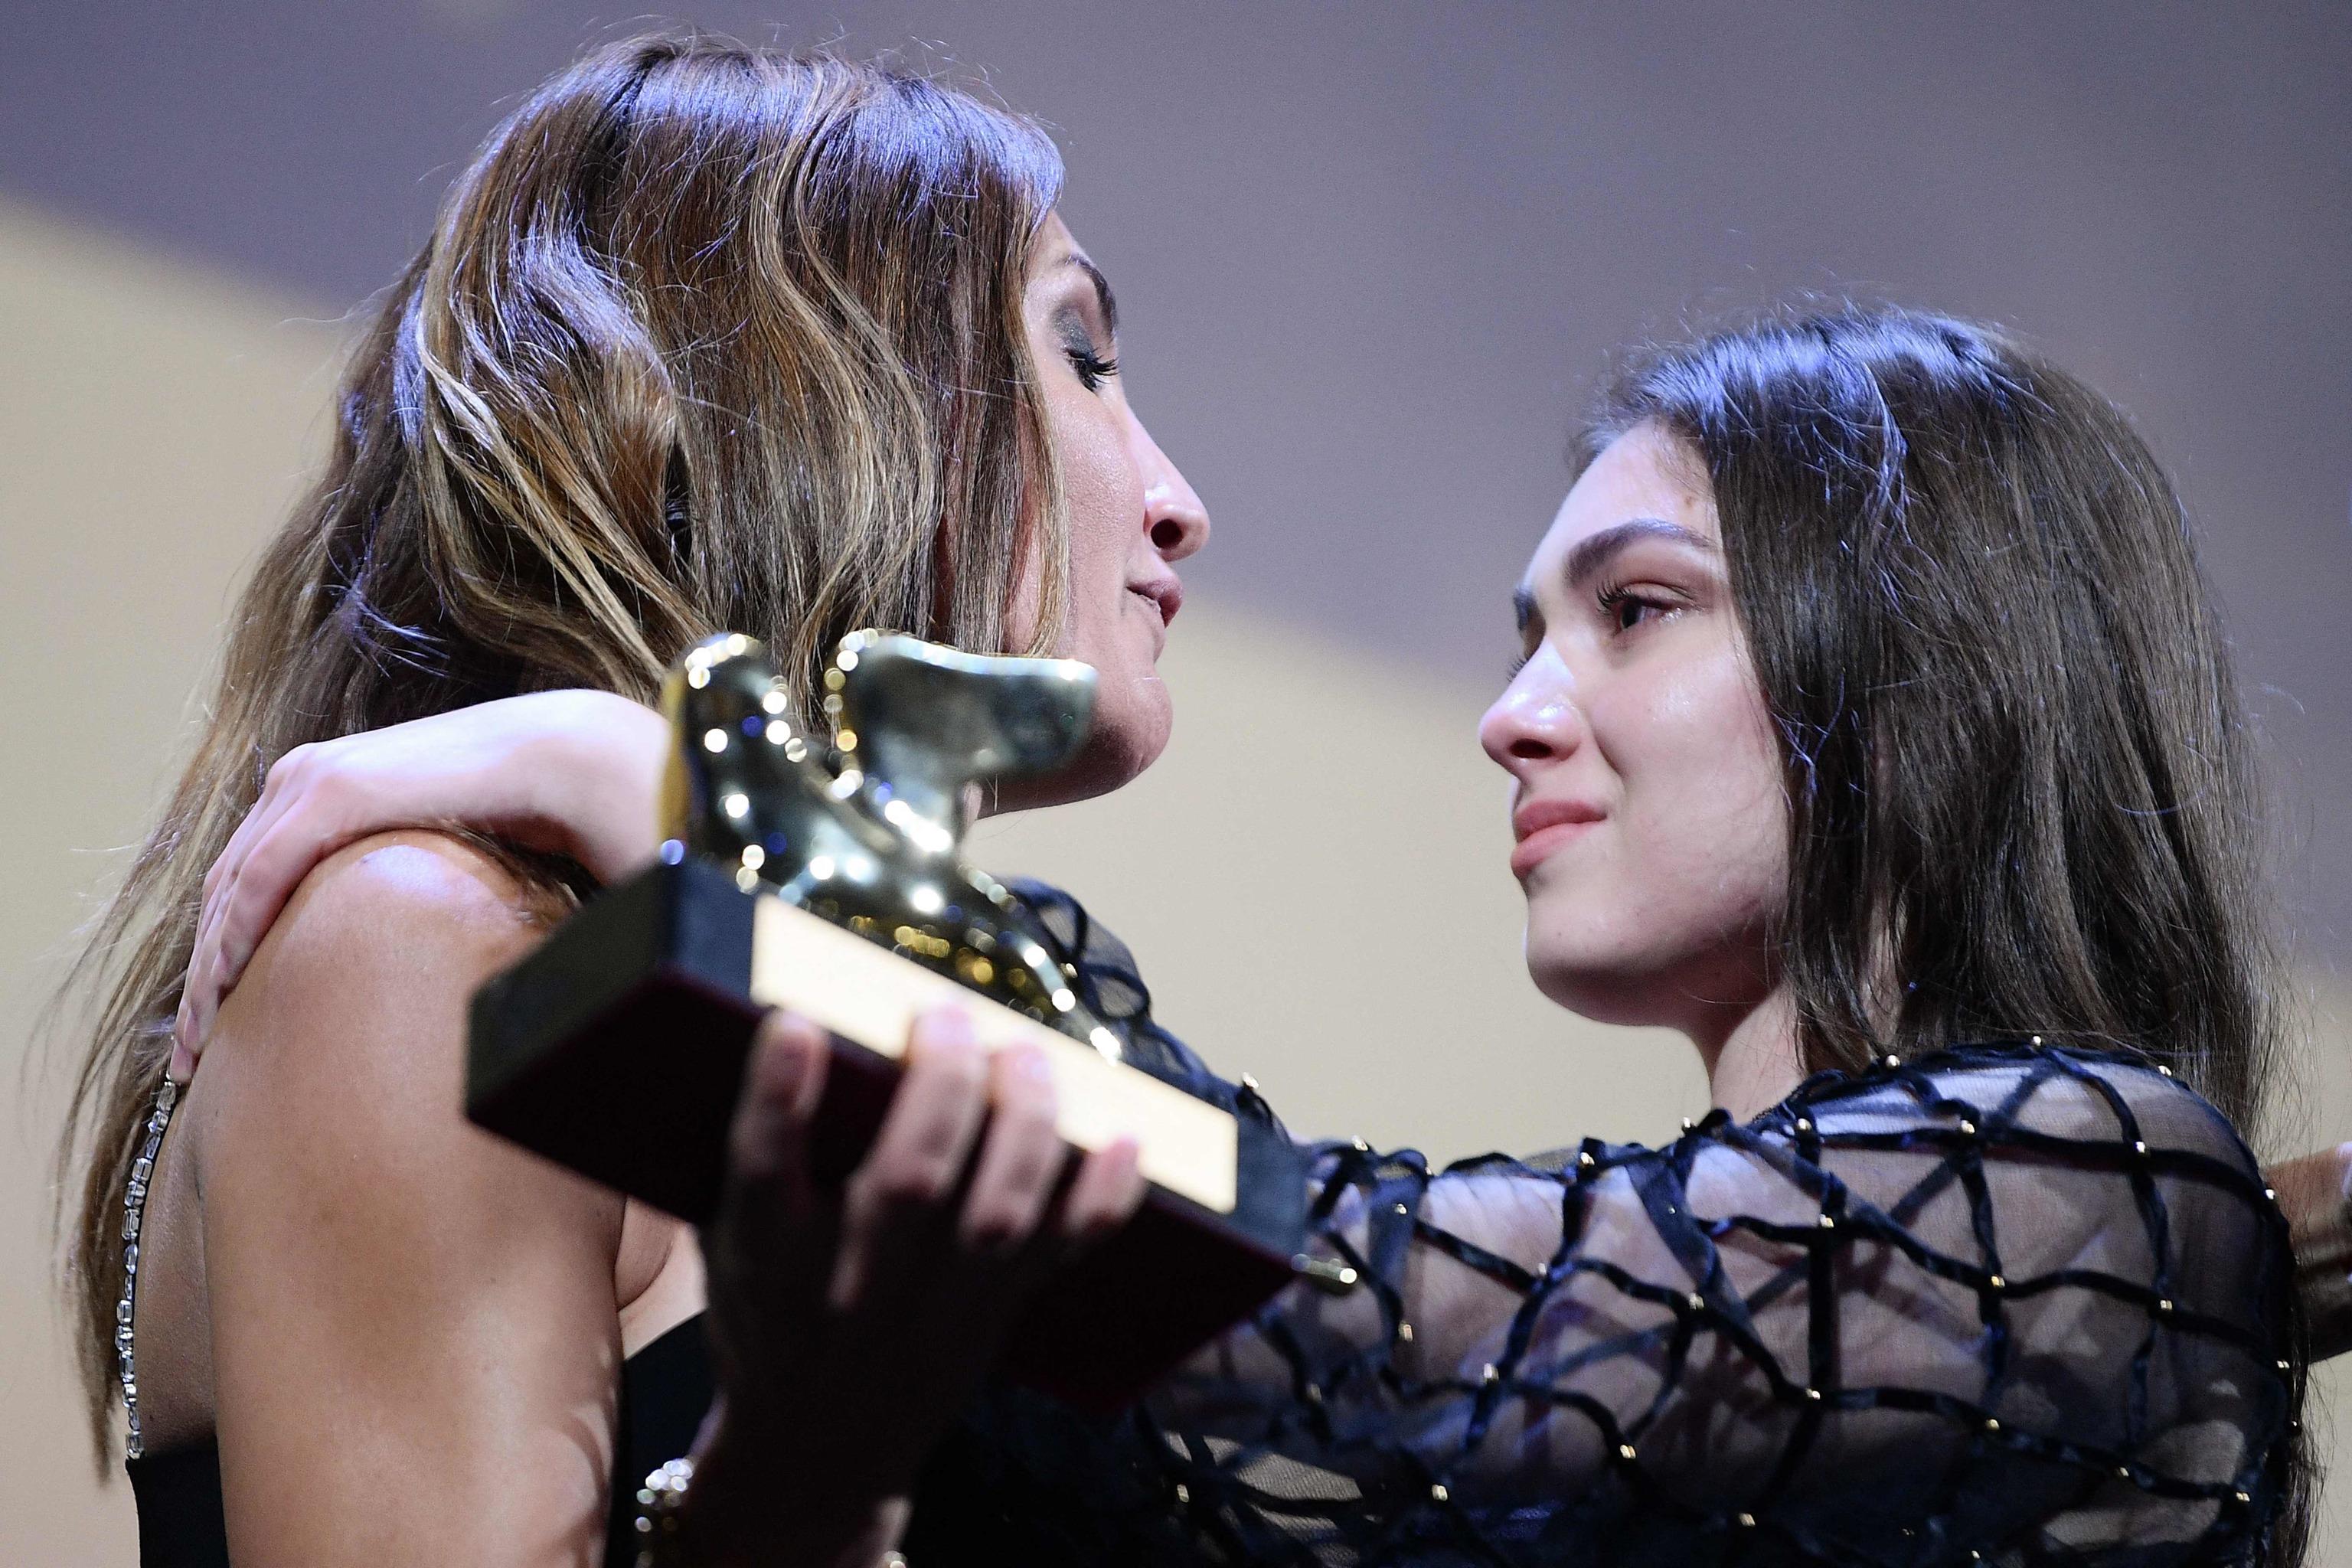 La directora Audrey Diwan abraza a la actriz Anamaria Vartolomei tras ganar el Lón de Oro por 'El acontecimiento'.